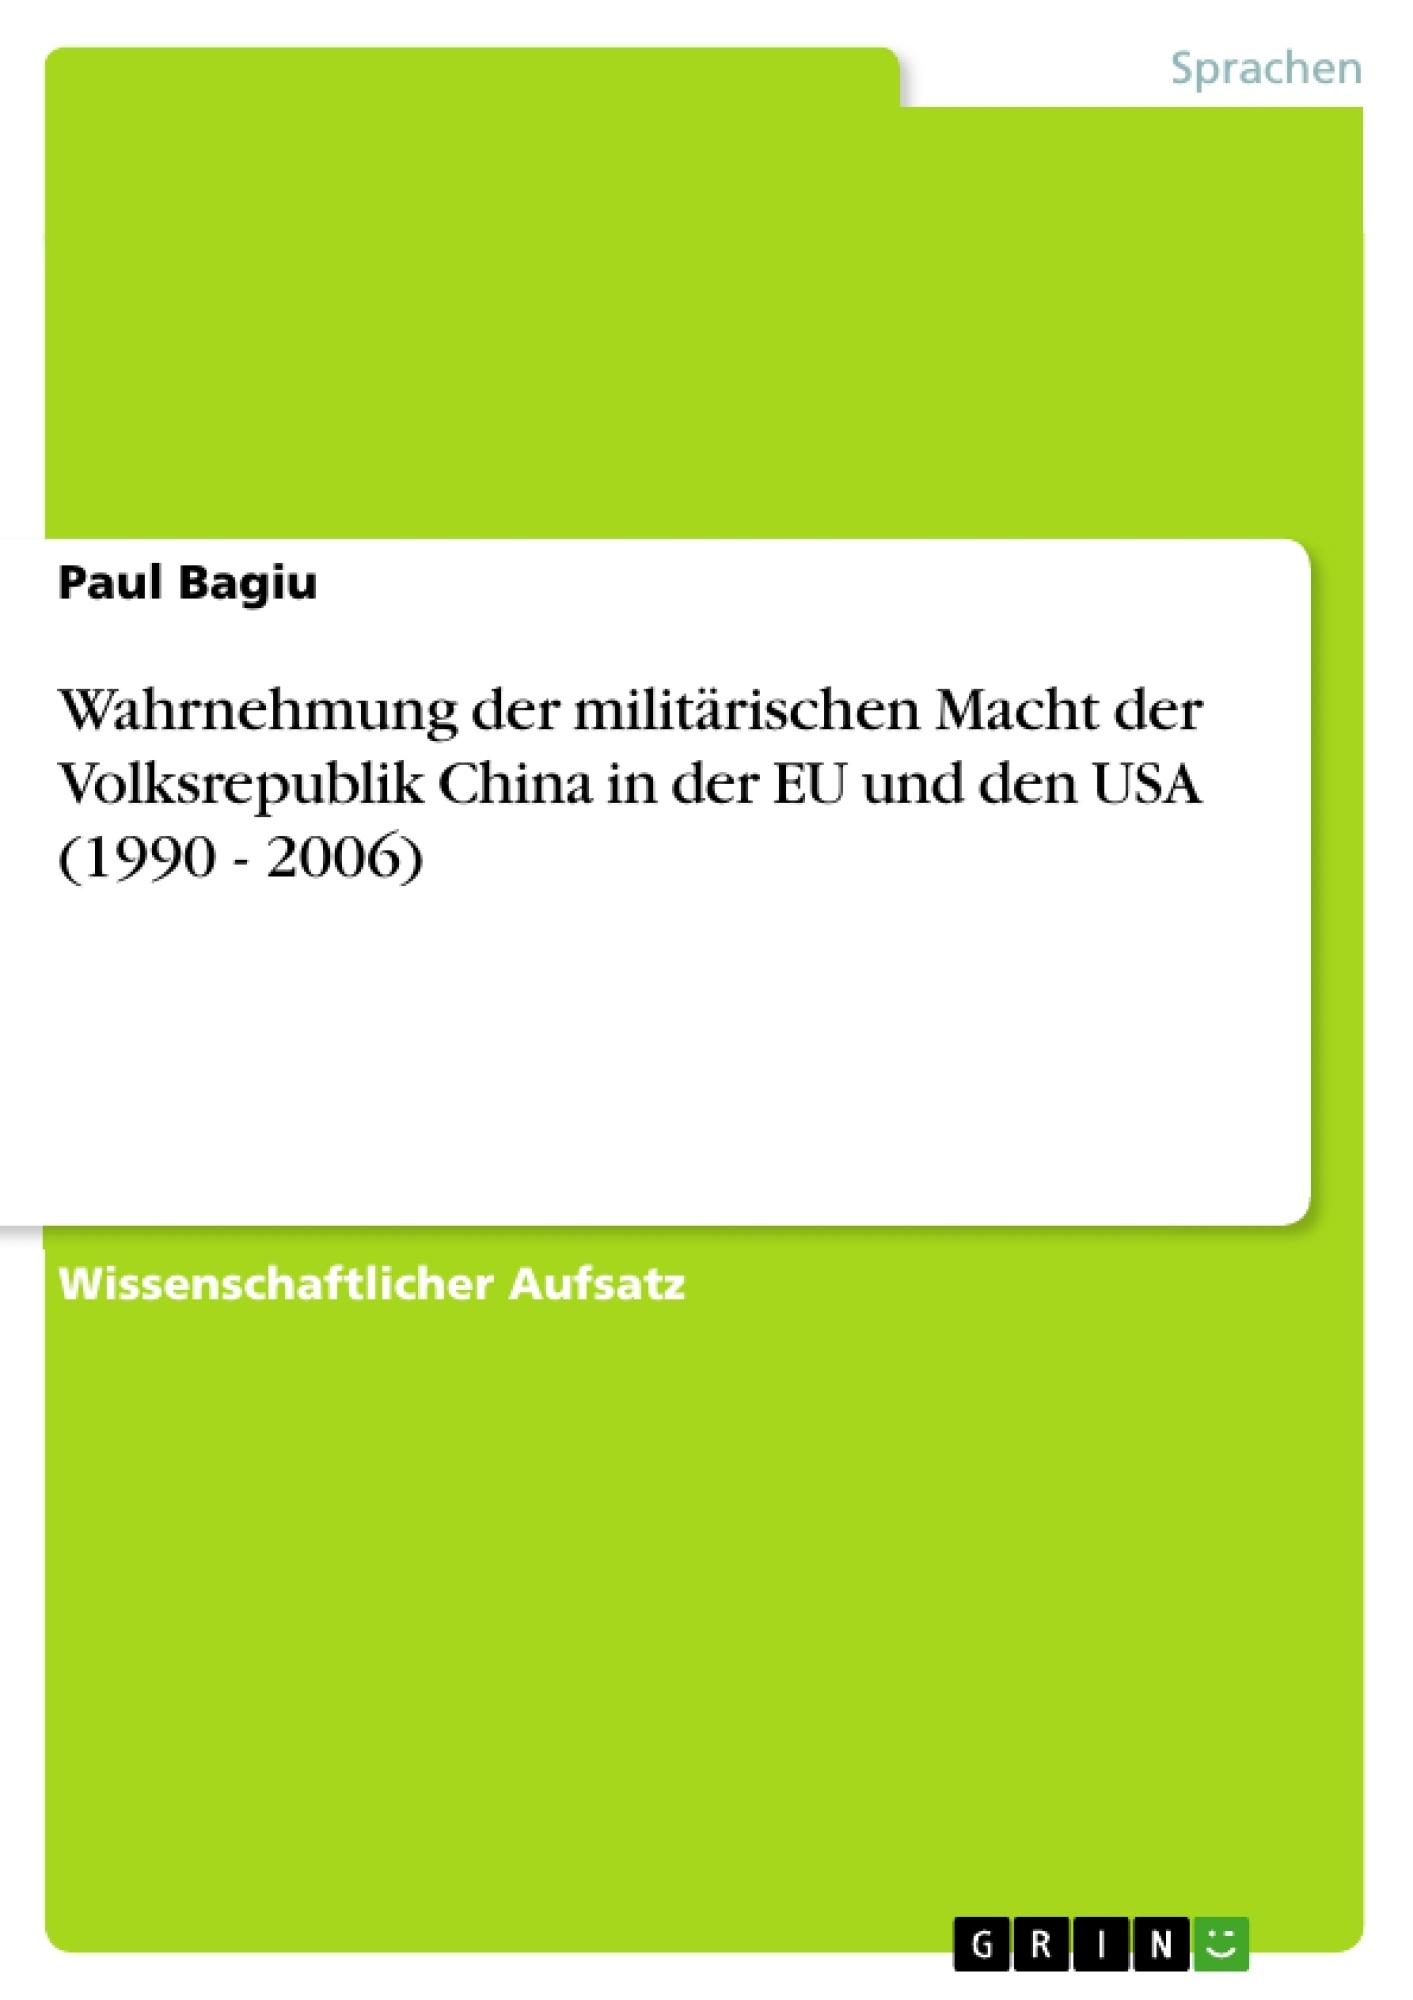 Titel: Wahrnehmung der militärischen Macht der Volksrepublik China in der EU und den USA (1990 - 2006)